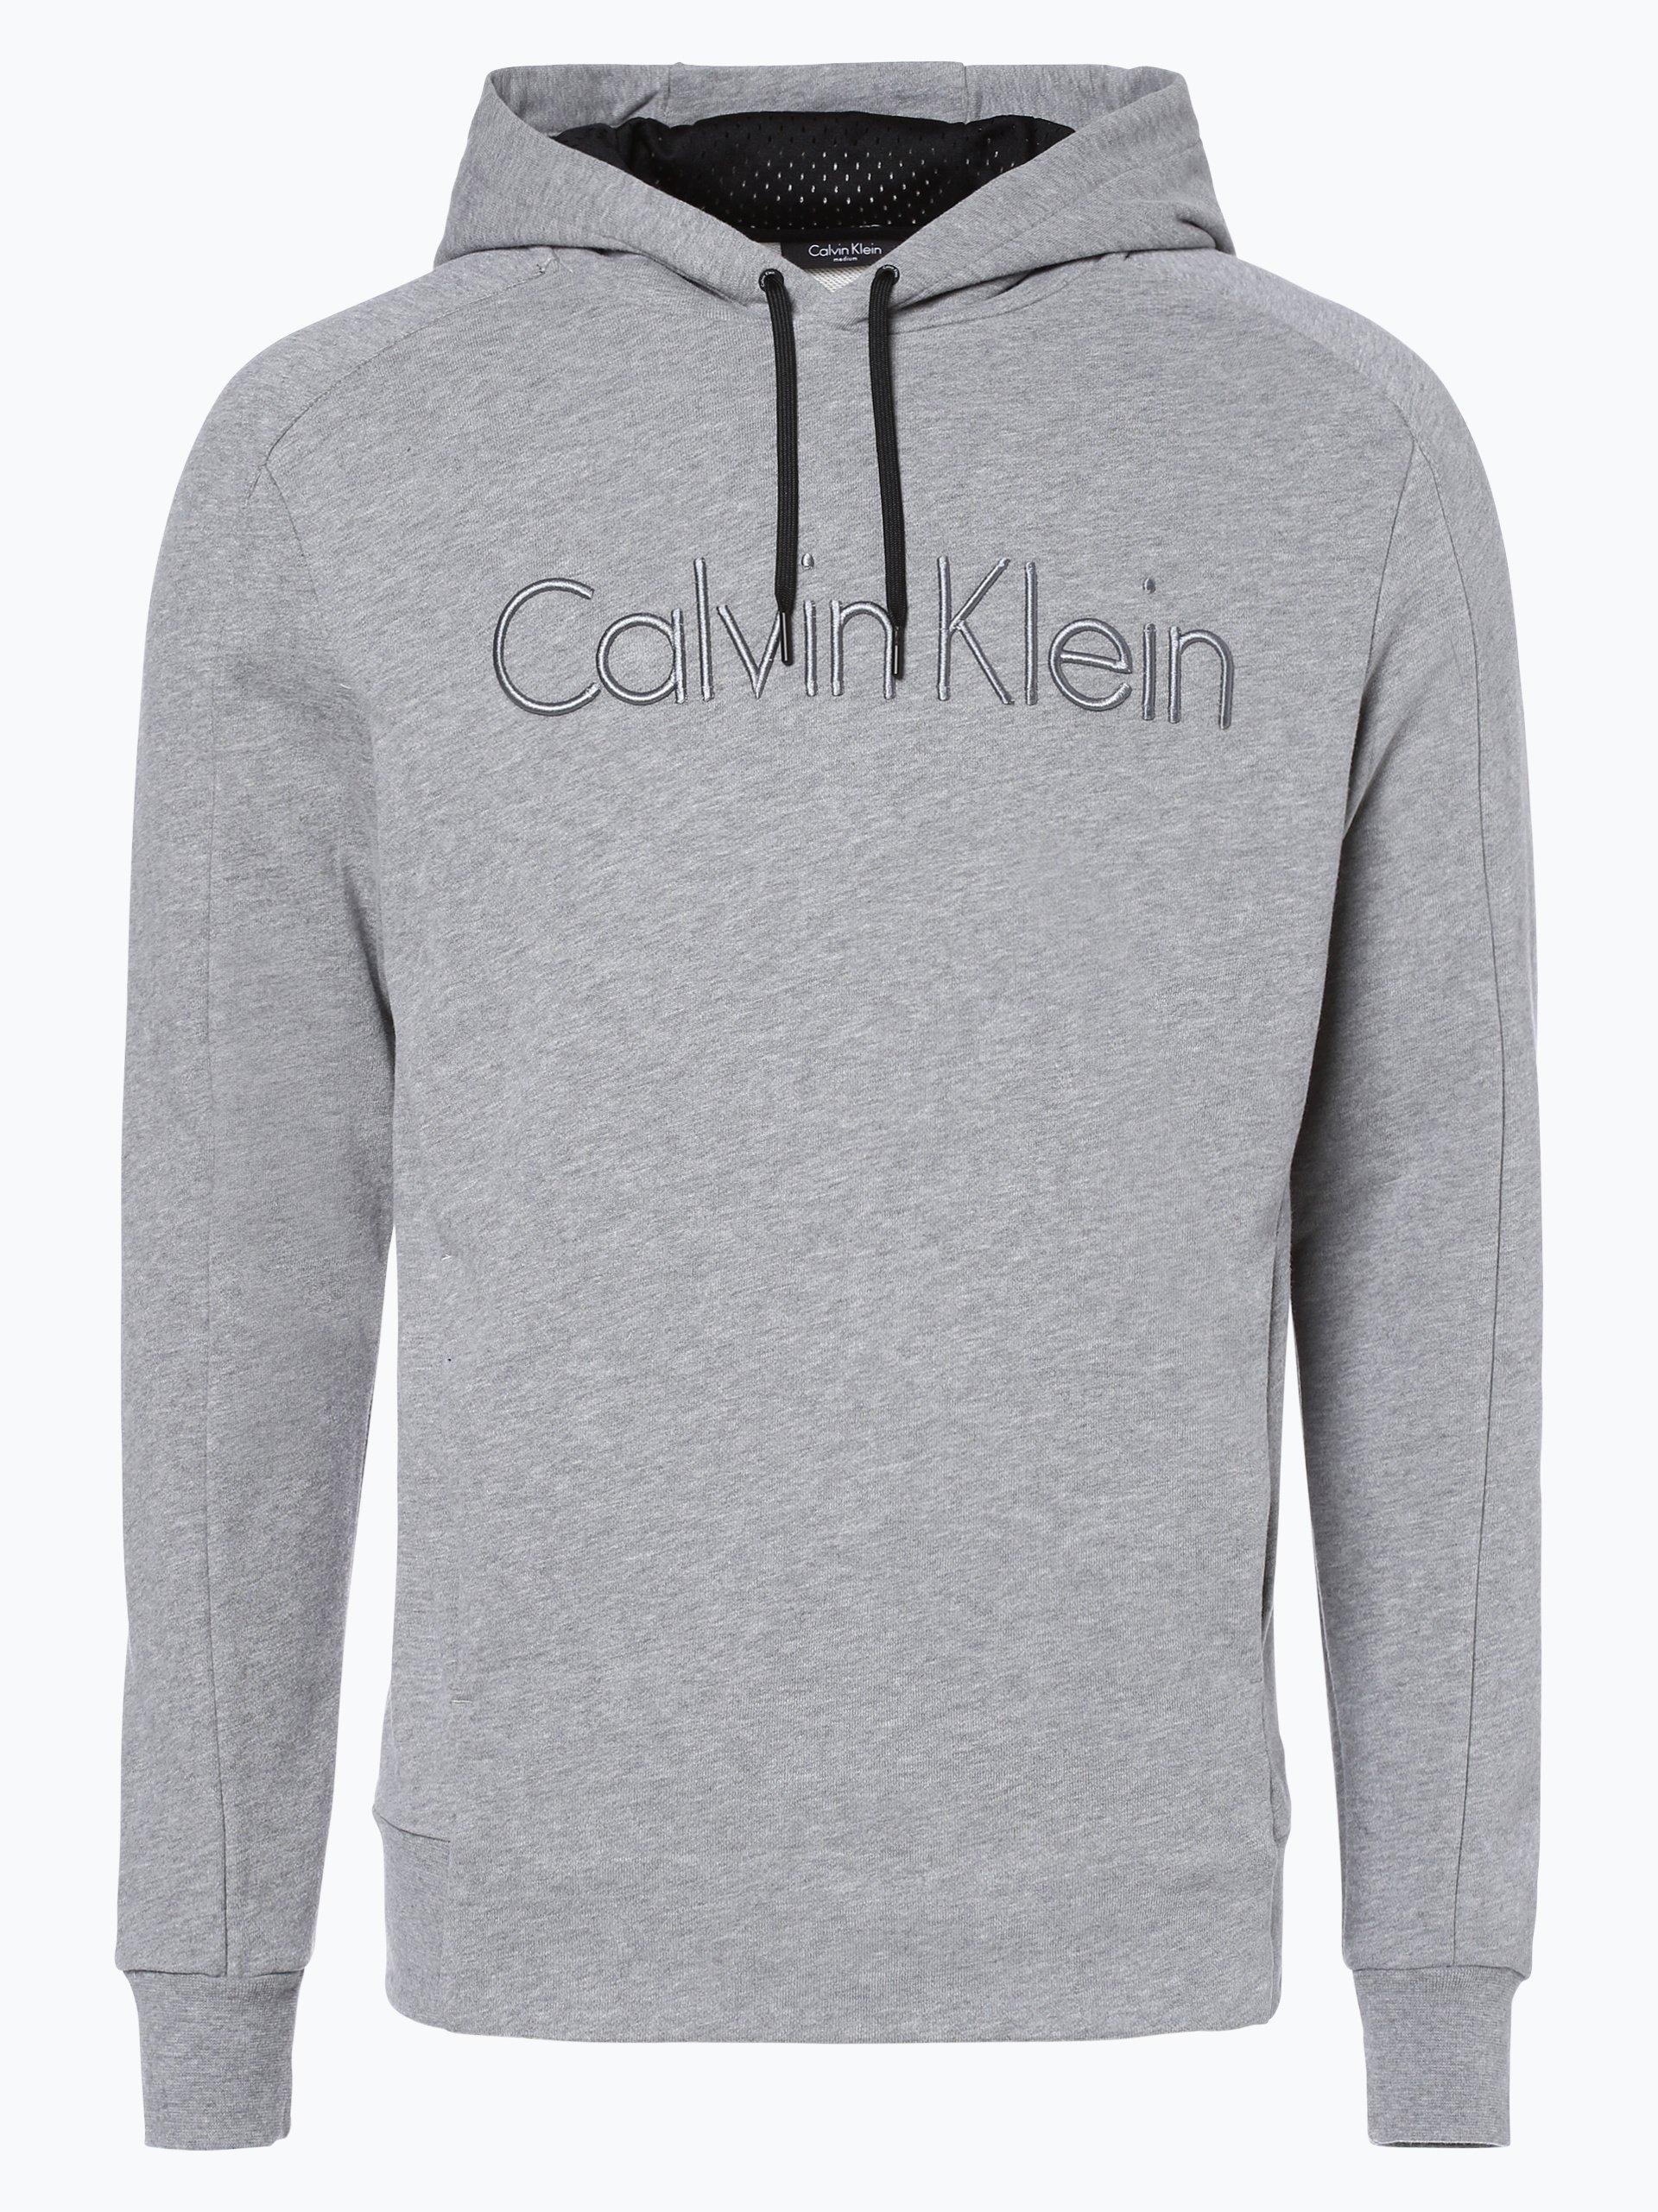 calvin klein herren sweatshirt grau uni online kaufen peek und cloppenburg de. Black Bedroom Furniture Sets. Home Design Ideas